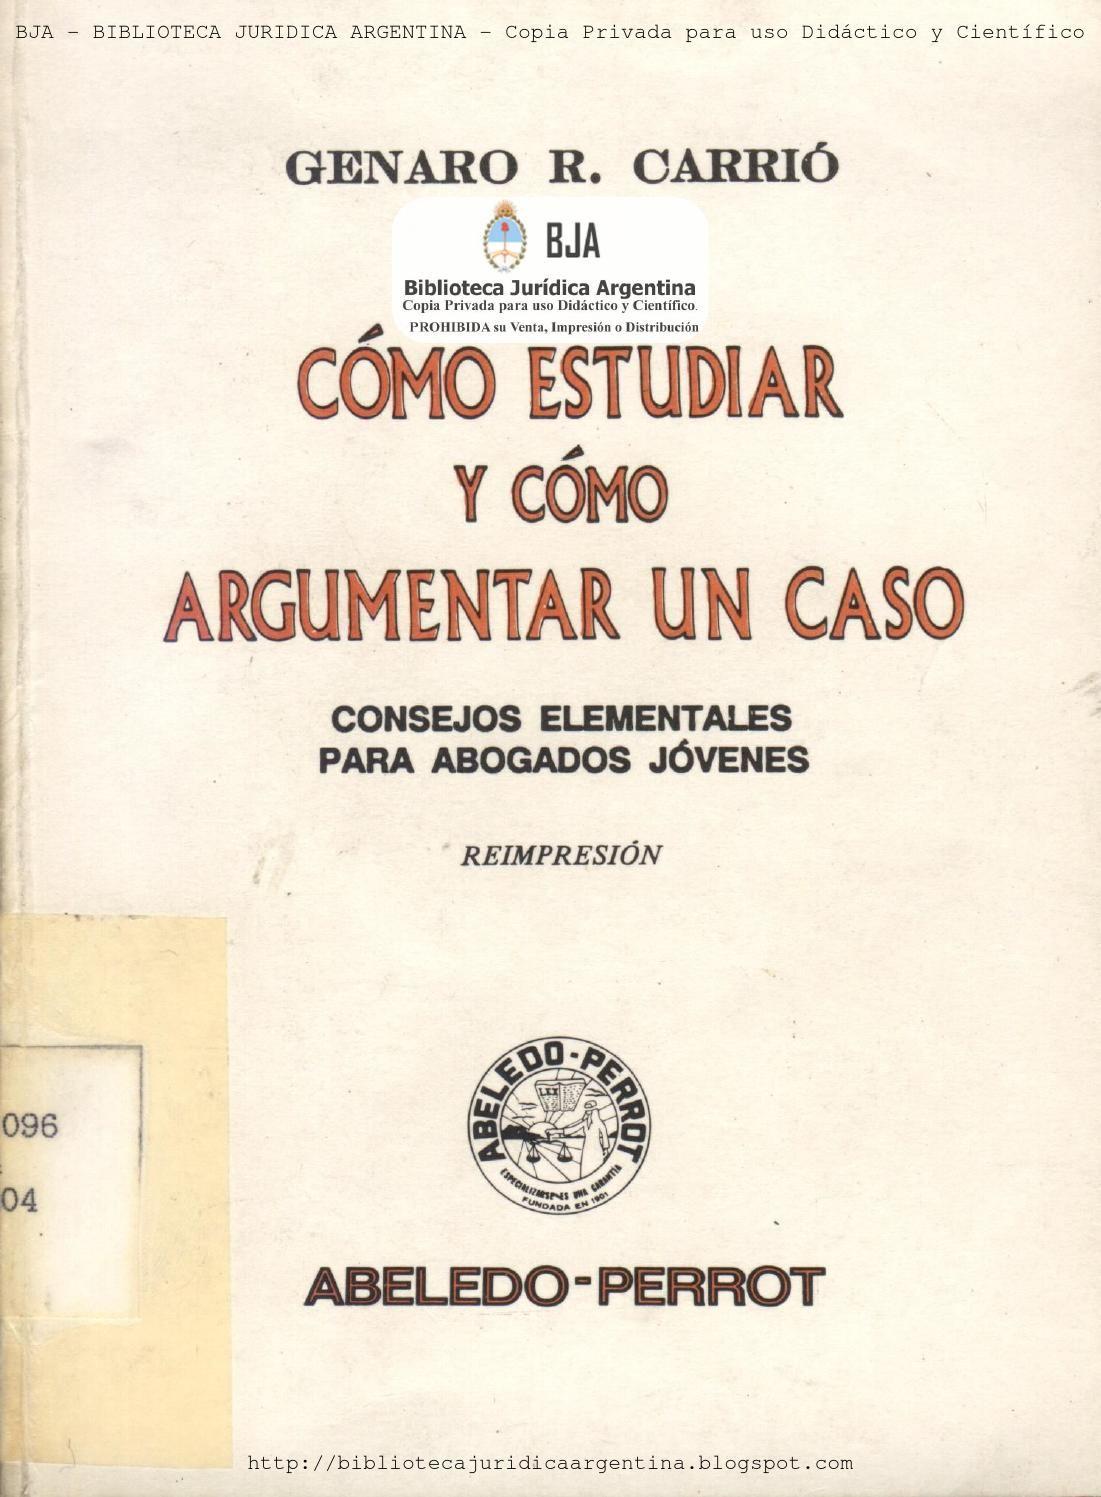 como estudiar y argumentar un caso - Genaro R. Carrio Consejos elementales  para abogados jovenes.